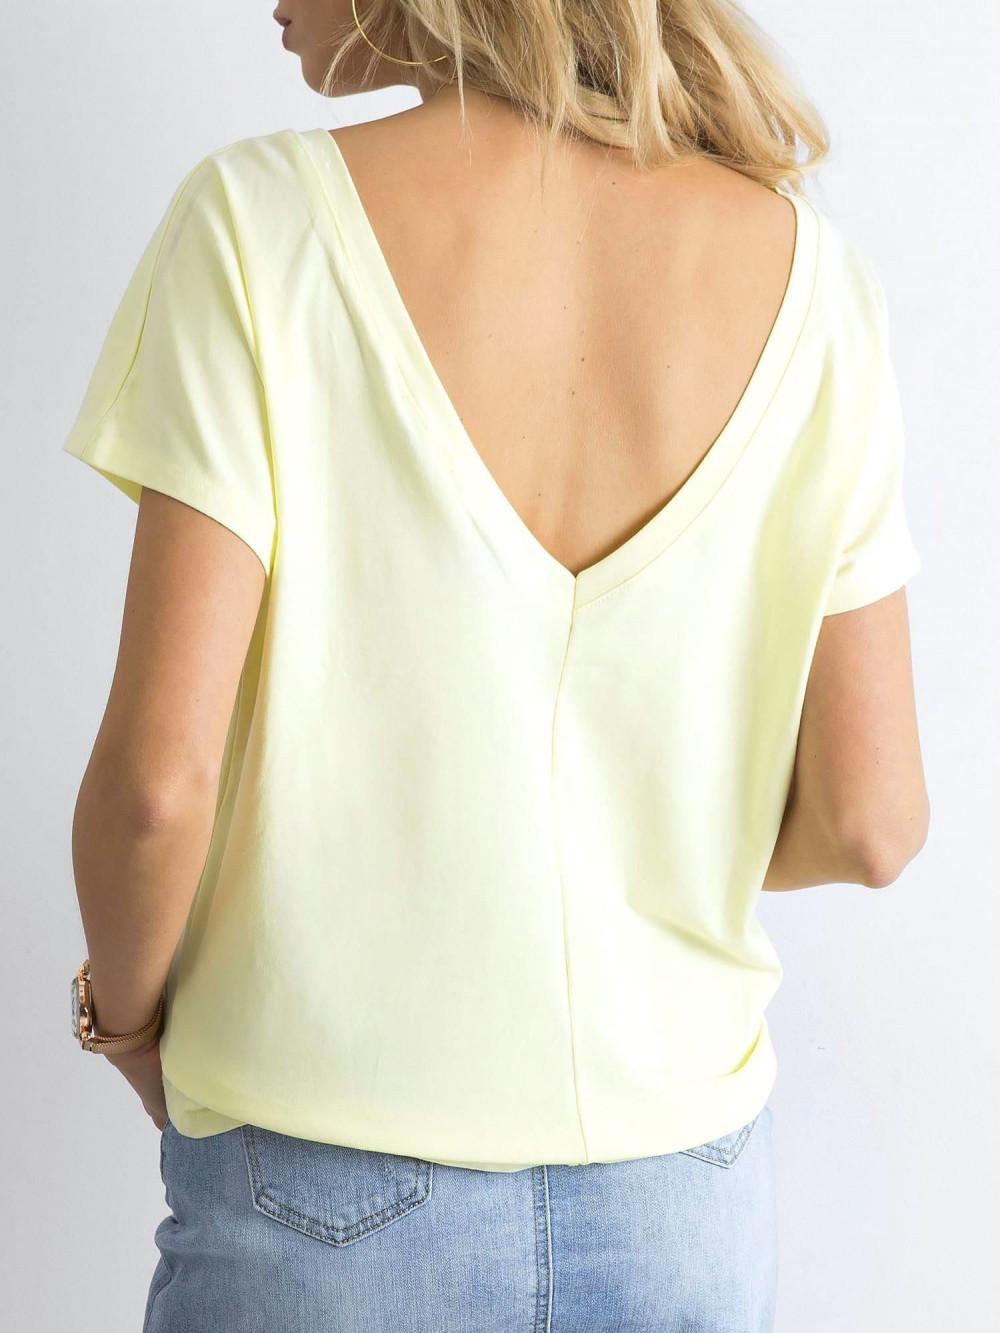 Pastelowo żółty t-shirt z wycięciem V na plecach Sharon 1